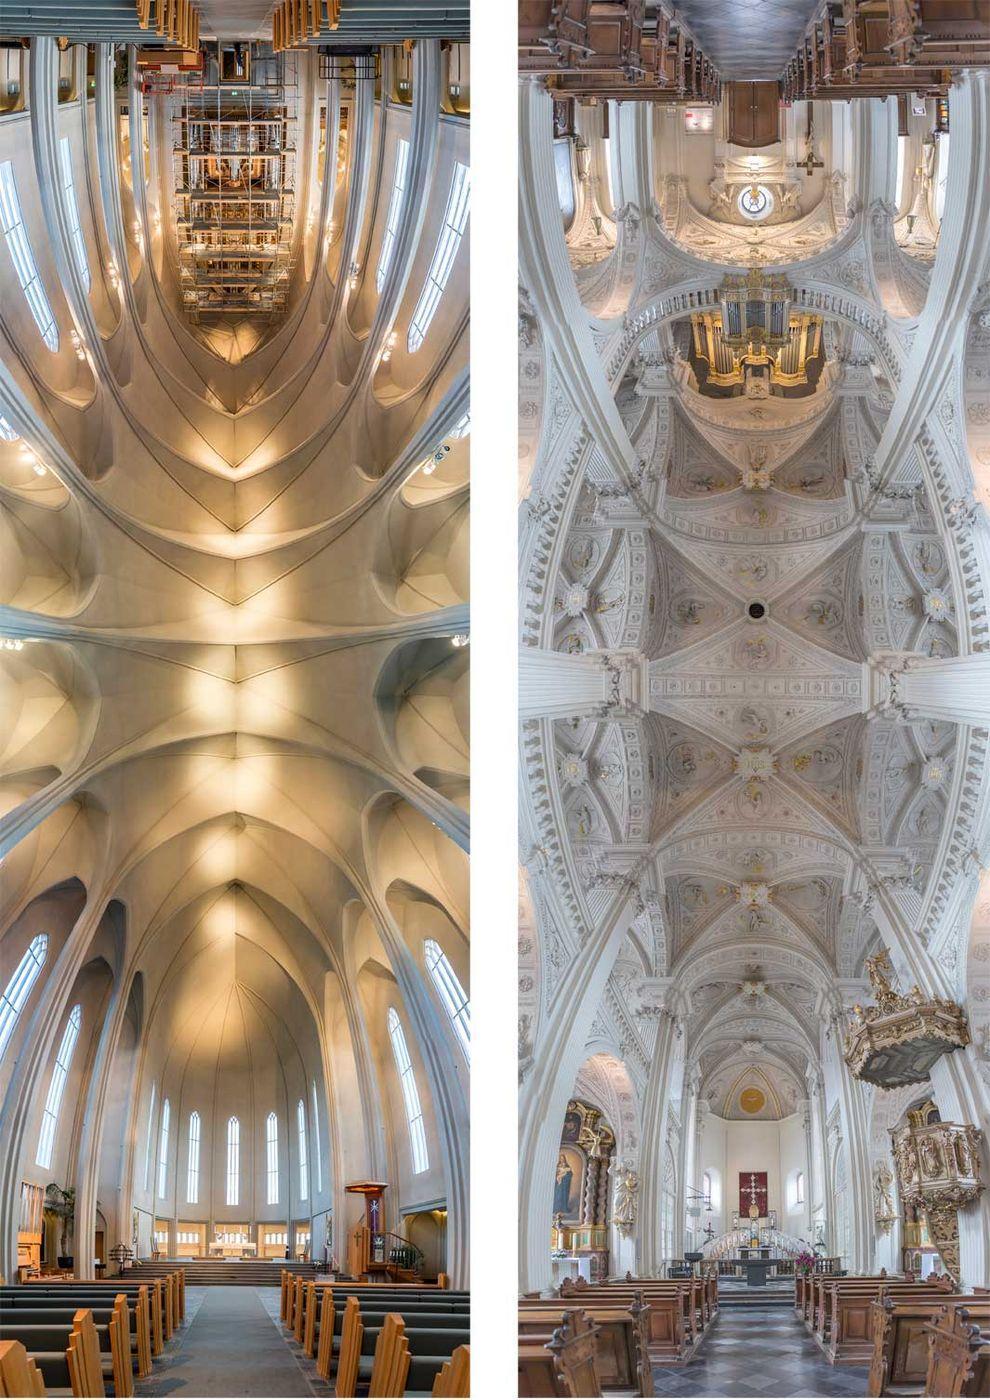 Слева: церковь Хатльгримскиркья в Рейкьявике, Исландия. Справа: церковь святого Андрея в Дюссельдорф